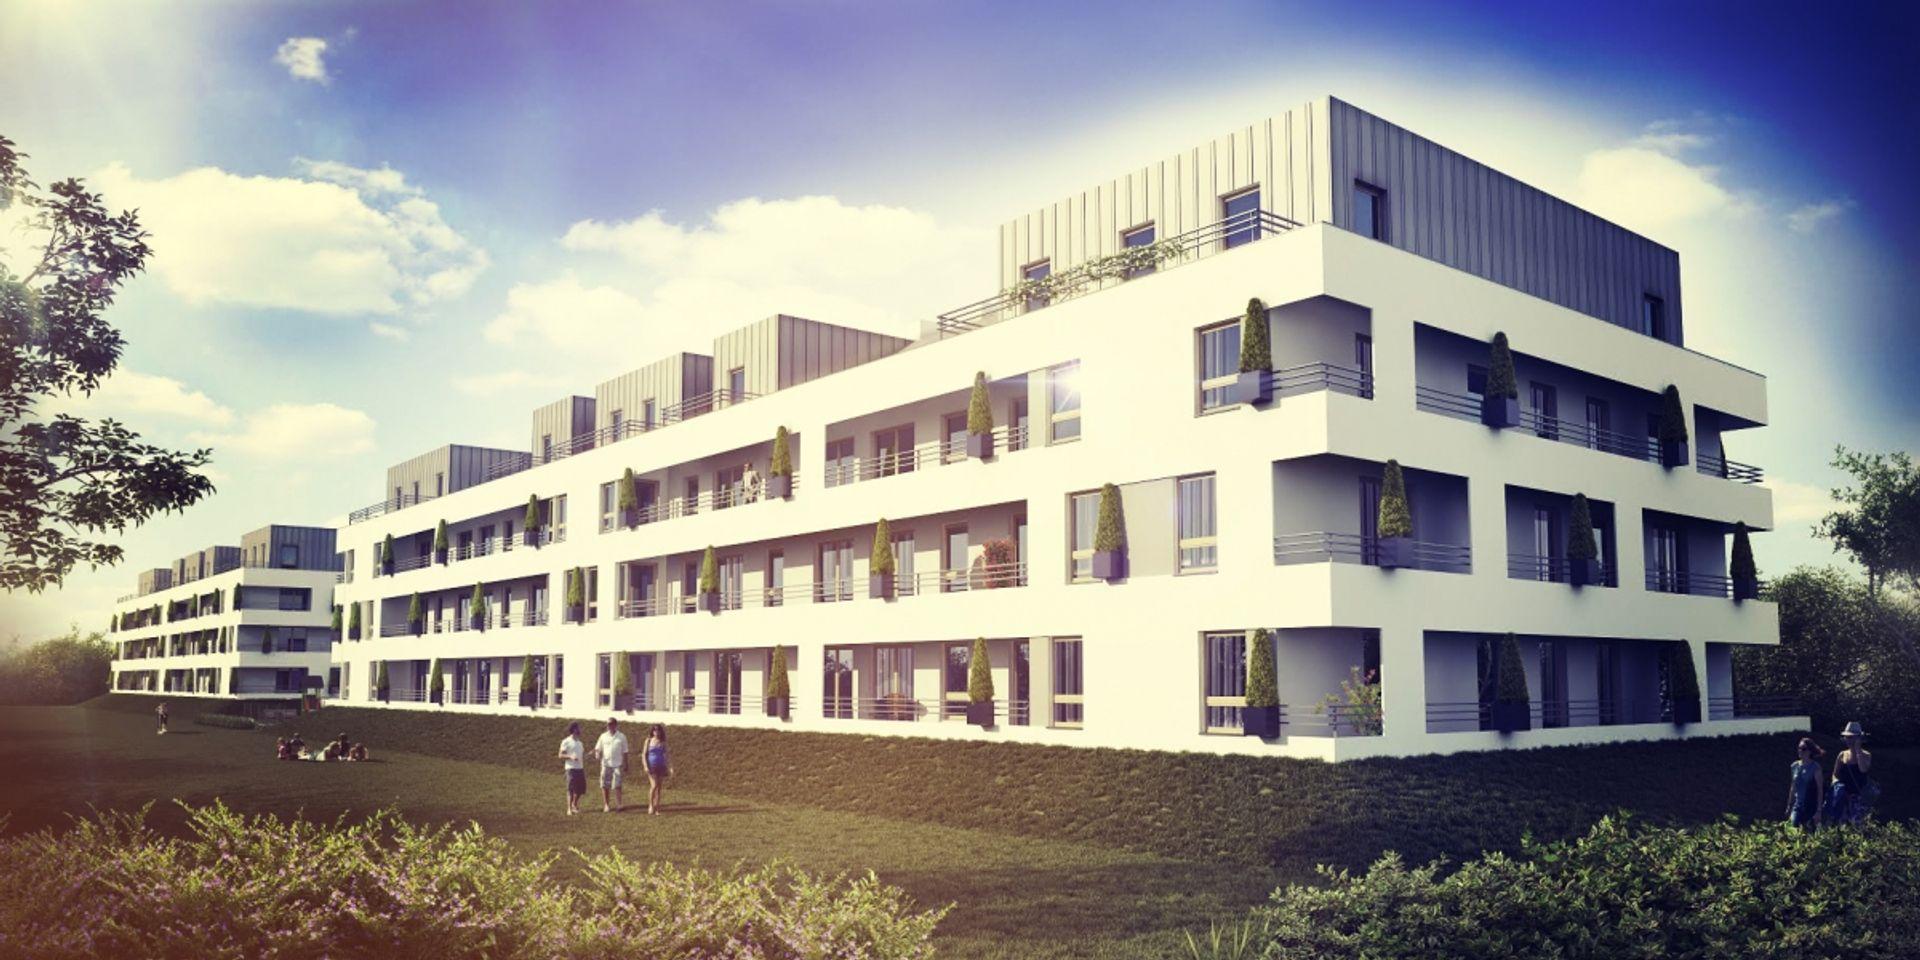 [Wrocław] Na Maślicach Partner Capital Group wybuduje osiedle